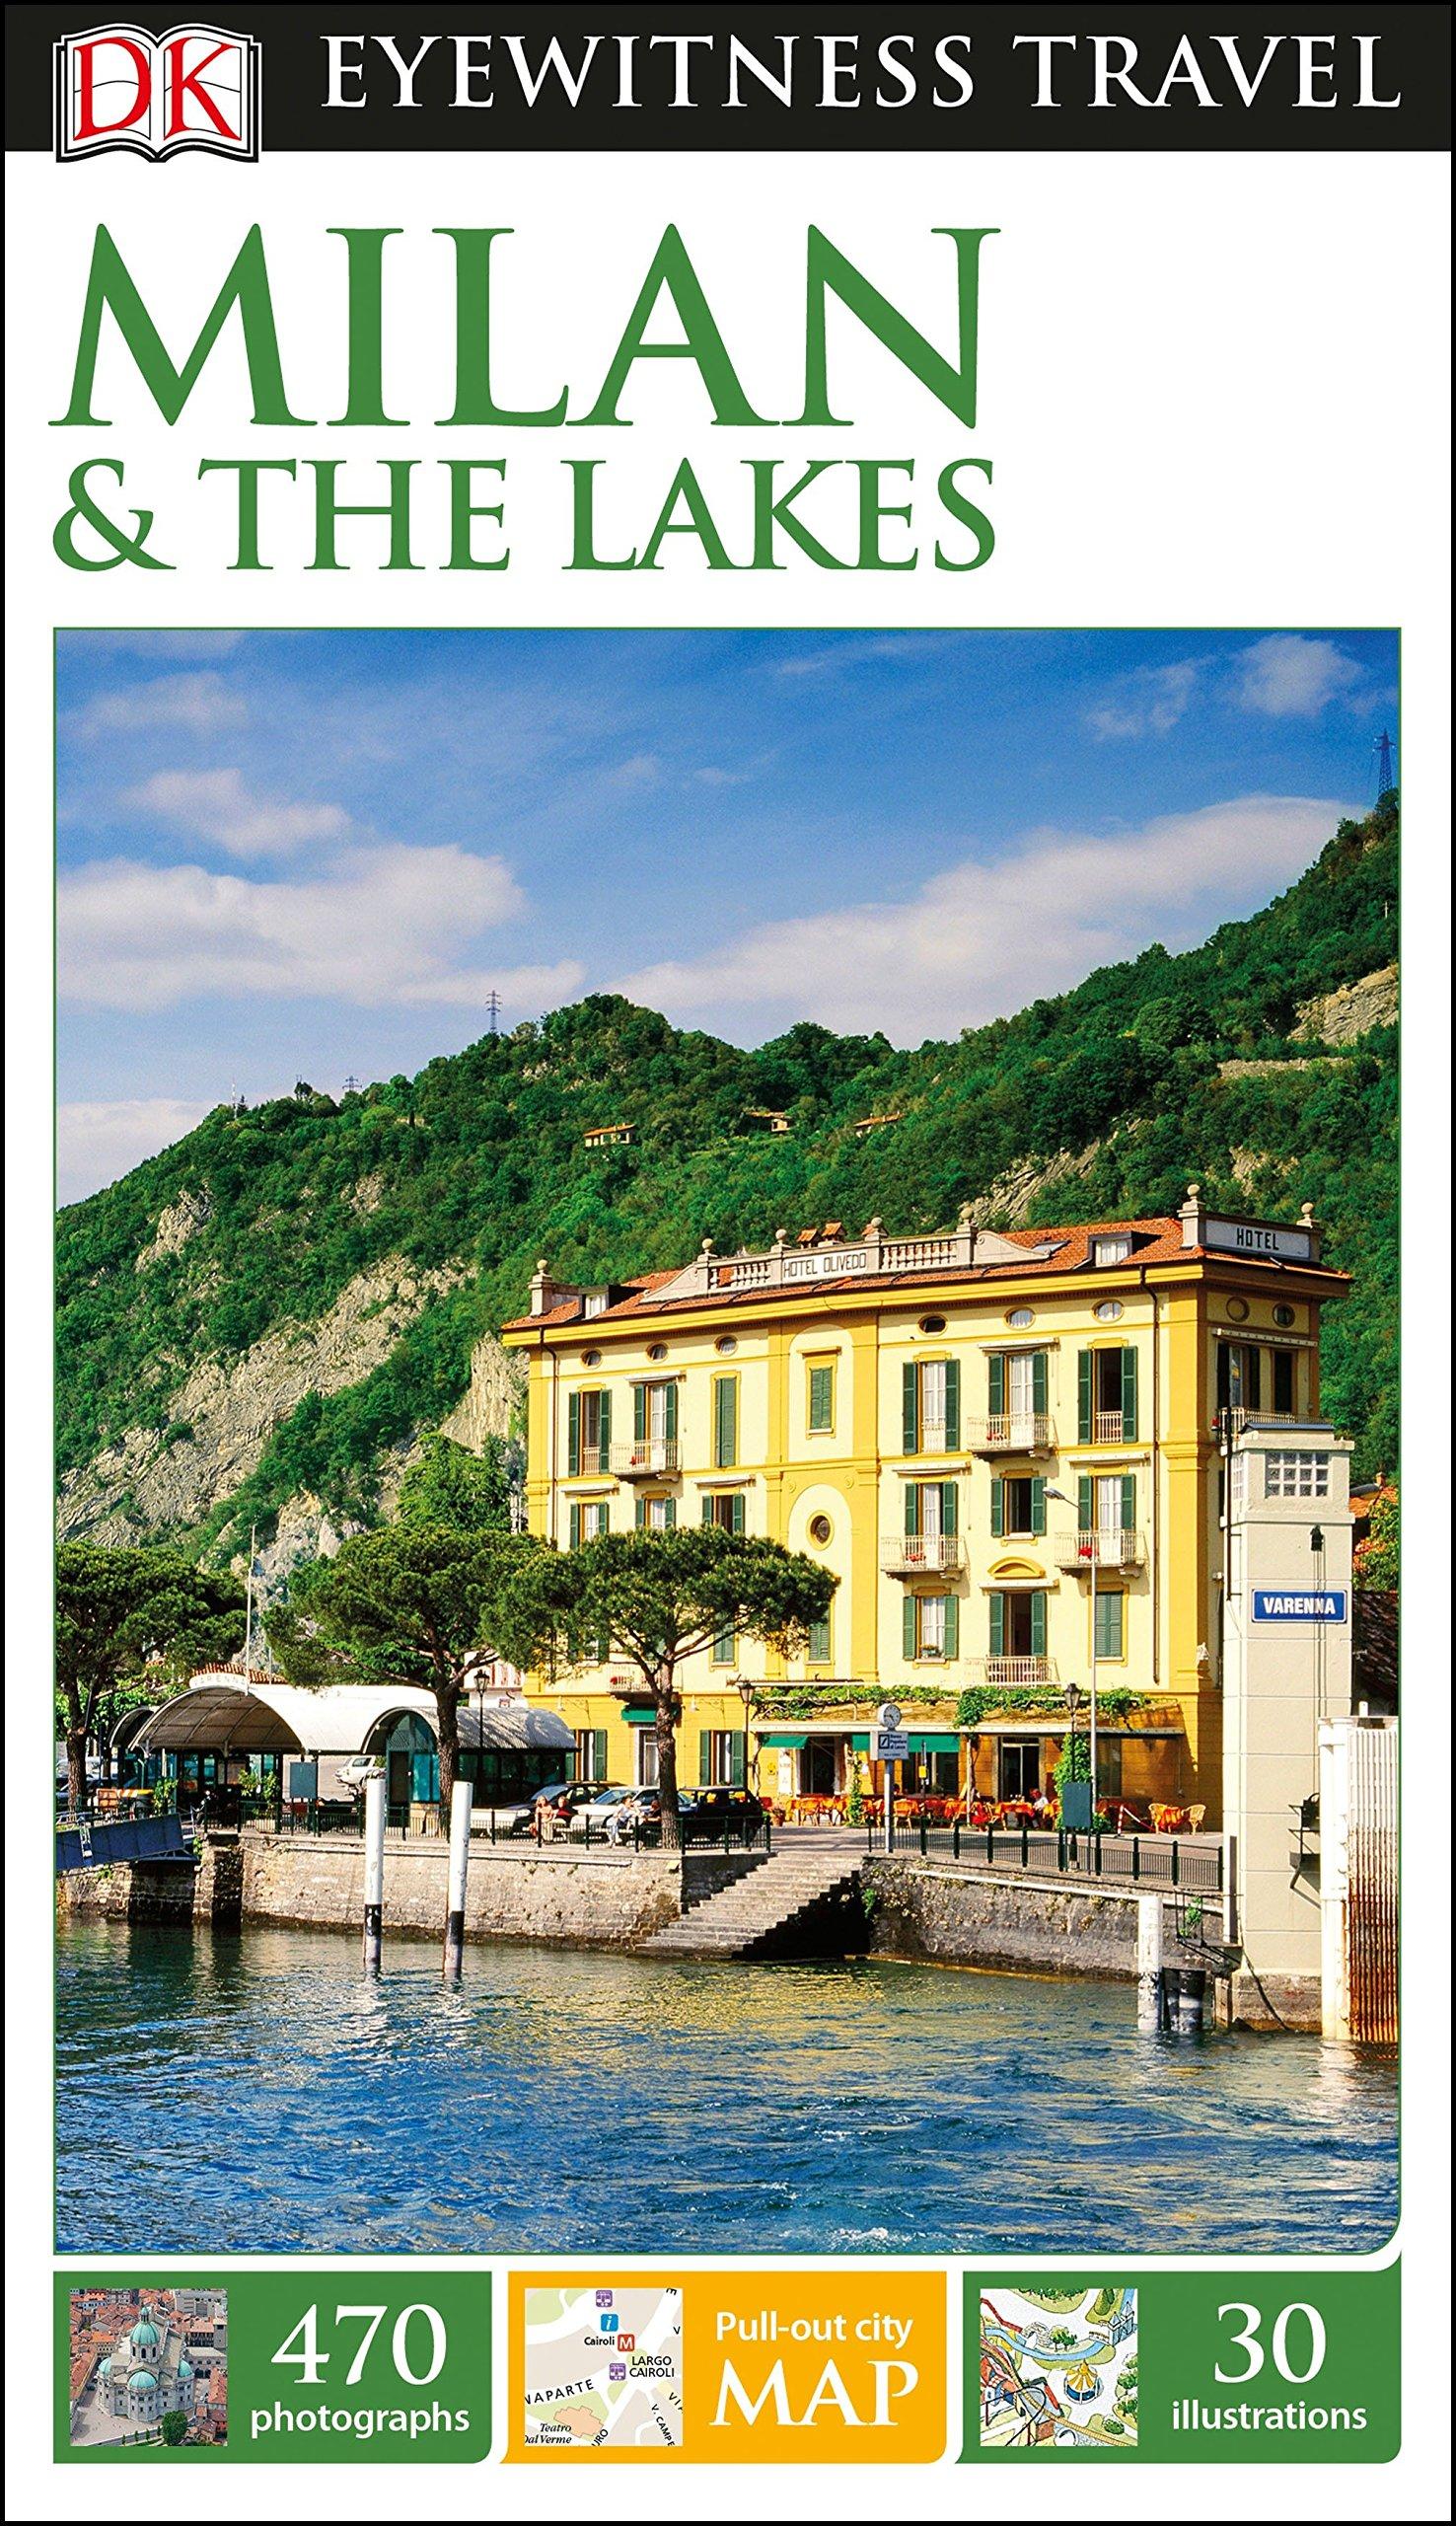 DK Eyewitness Travel Guide Milan product image